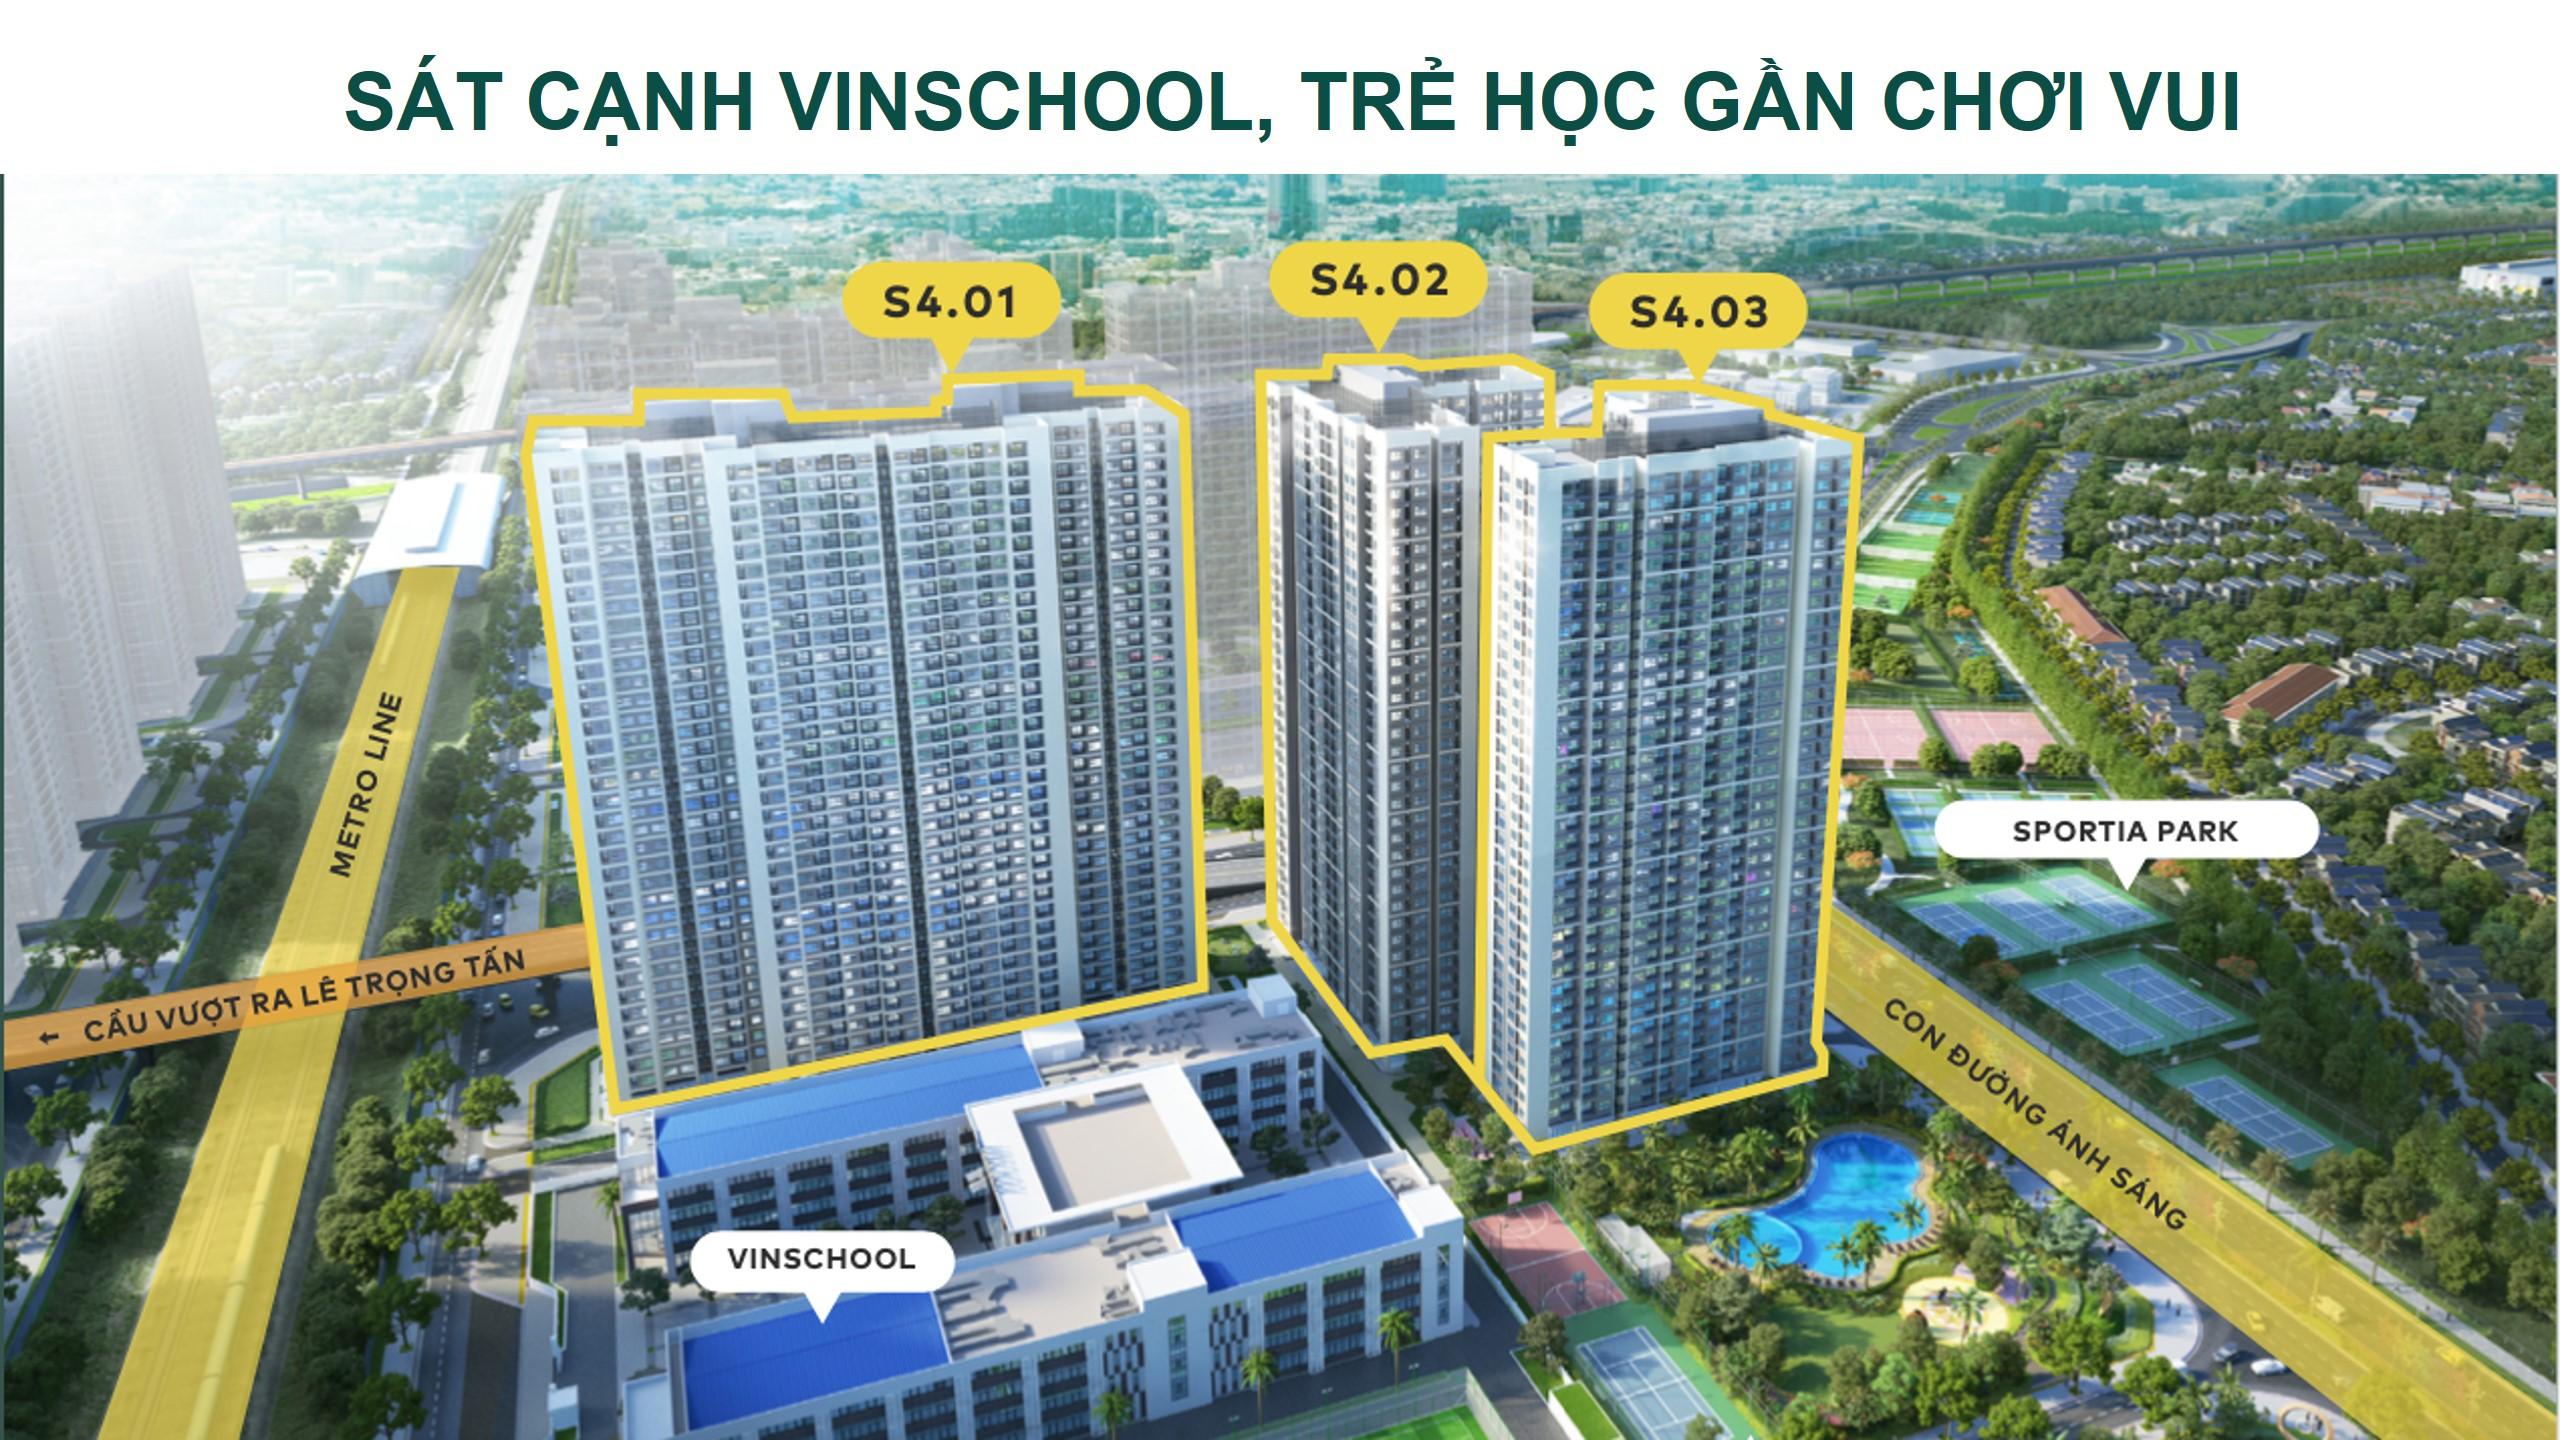 Thông tin chi tiết phân khu Sapphire 4 Vinhomes Smart city